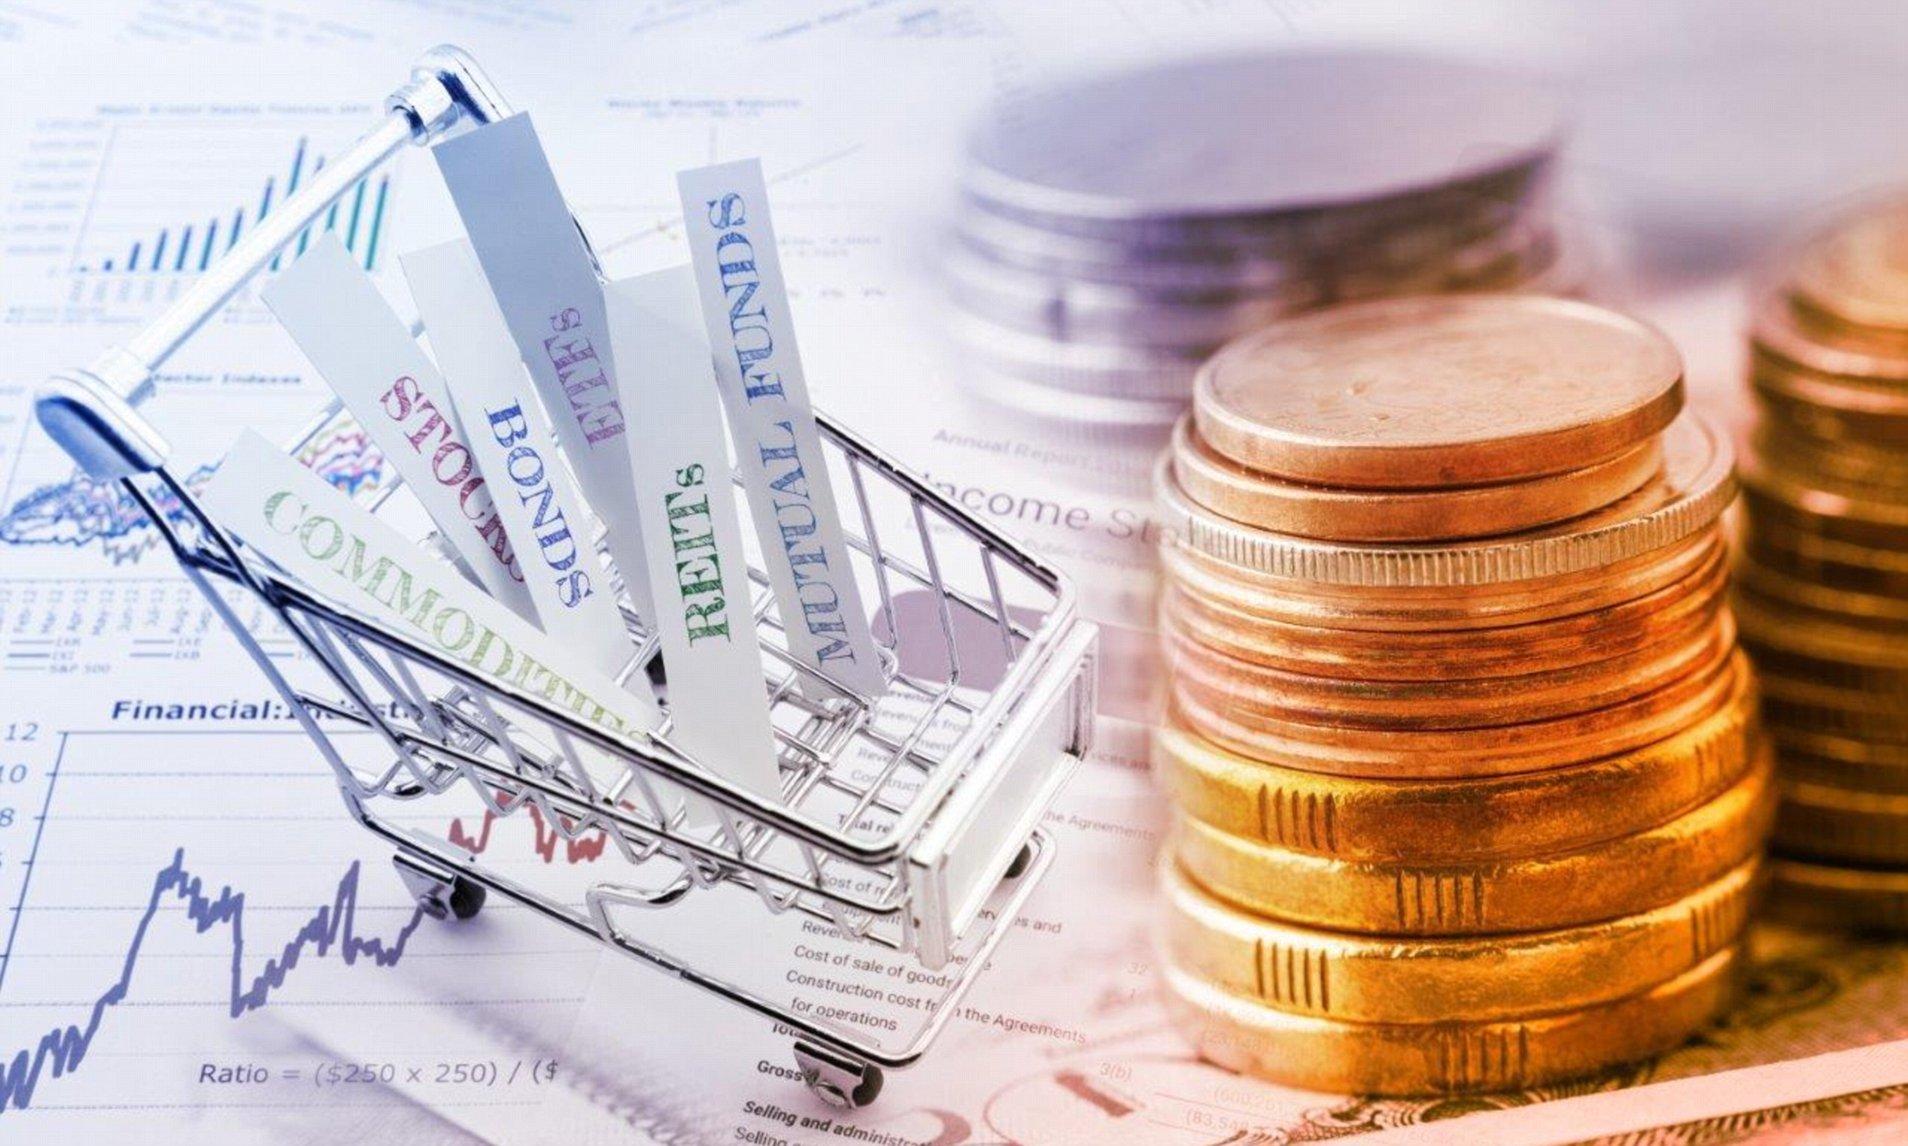 Chứng khoán Bảo Việt muốn huy động 300 tỷ đồng từ trái phiếu